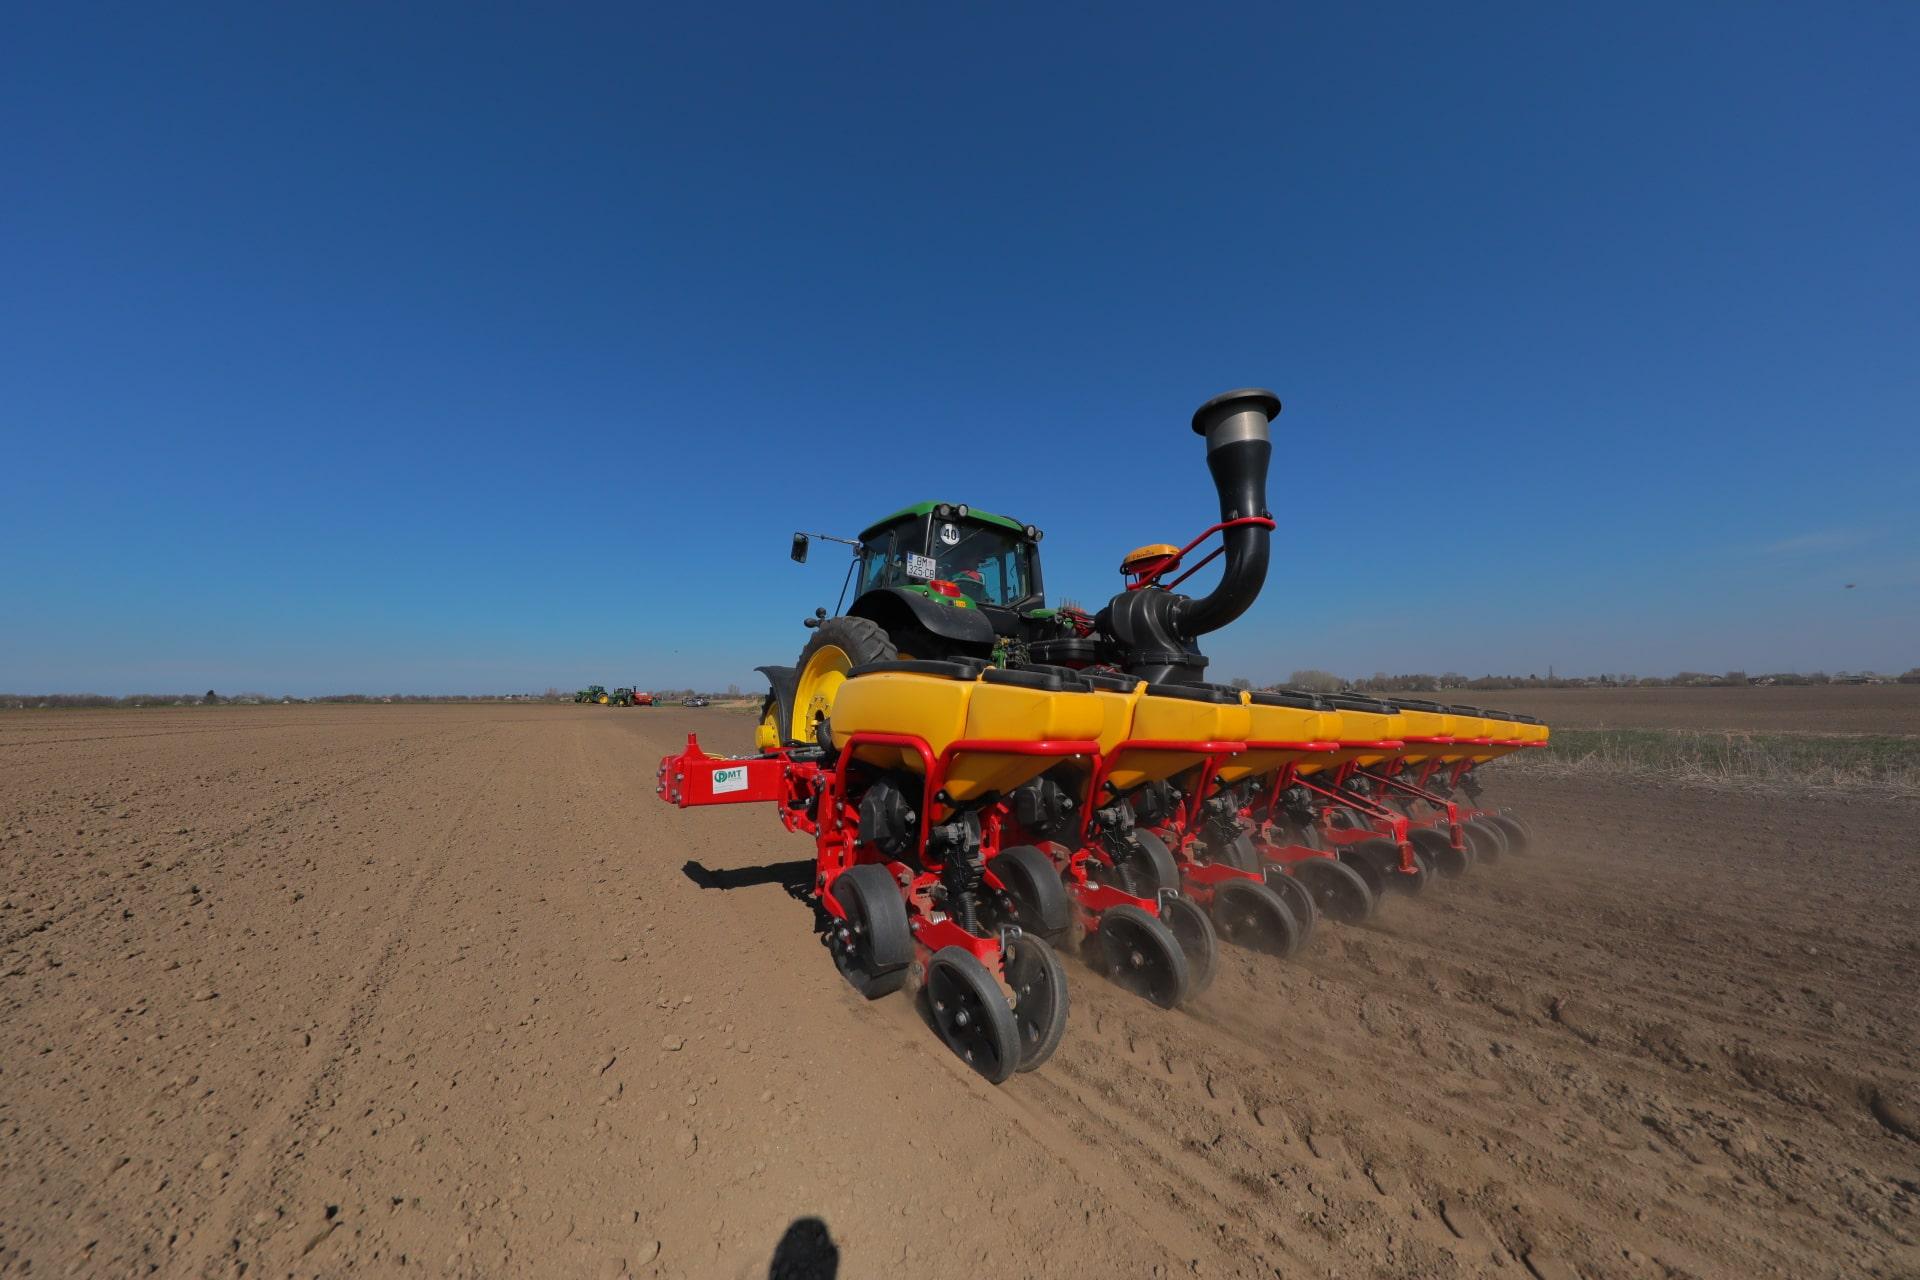 Uz osnovnu djelatnost obrade poljoprivrednih površina i ratarstva, poduzeće se bavi i kooperacijom – integracijom na području Baranje. Suradnja s malim poljoprivrednim gospodarstvima u Baranji podrazumijeva financiranje - kreditiranje malih gospodarstava repromaterijalom za poljoprivrednu proizvodnju – gnojivo, sjeme, gorivo, zaštitna te otkup i skladištenje otkupljenih poljoprivrednih proizvoda Kooperacija se trenutno obavlja na više od 4.500 ha s poljoprivrednim proizvođaćima s područja Baranje.Uz osnovnu djelatnost obrade poljoprivrednih površina i ratarstva, poduzeće se bavi i kooperacijom – integracijom na području Baranje. Suradnja s malim poljoprivrednim gospodarstvima u Baranji podrazumijeva financiranje - kreditiranje malih gospodarstava repromaterijalom za poljoprivrednu proizvodnju – gnojivo, sjeme, gorivo, zaštitna te otkup i skladištenje otkupljenih poljoprivrednih proizvoda Kooperacija se trenutno obavlja na više od 4.500 ha s poljoprivrednim proizvođaćima s područja Baranje.